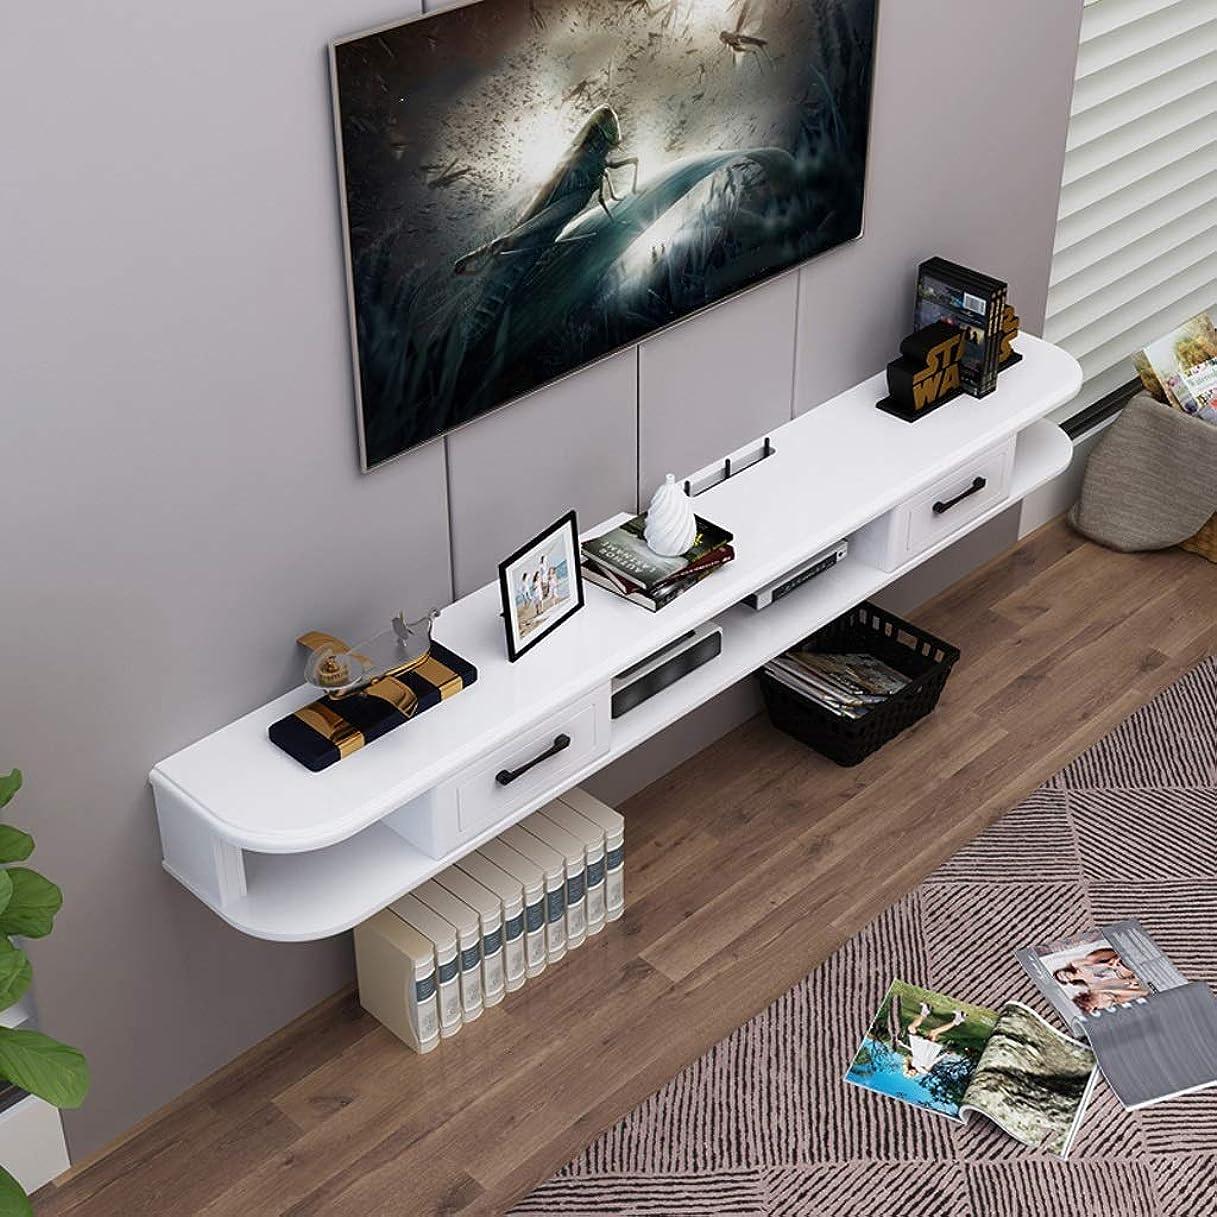 以降予約テンポ壁掛けテレビキャビネットテレビ棚ウォールシェルフフローティングシェルフセットトップボックスルーター写真玩具DVDプレーヤー棚本棚テレビコンソール (サイズ さいず : 120CM)